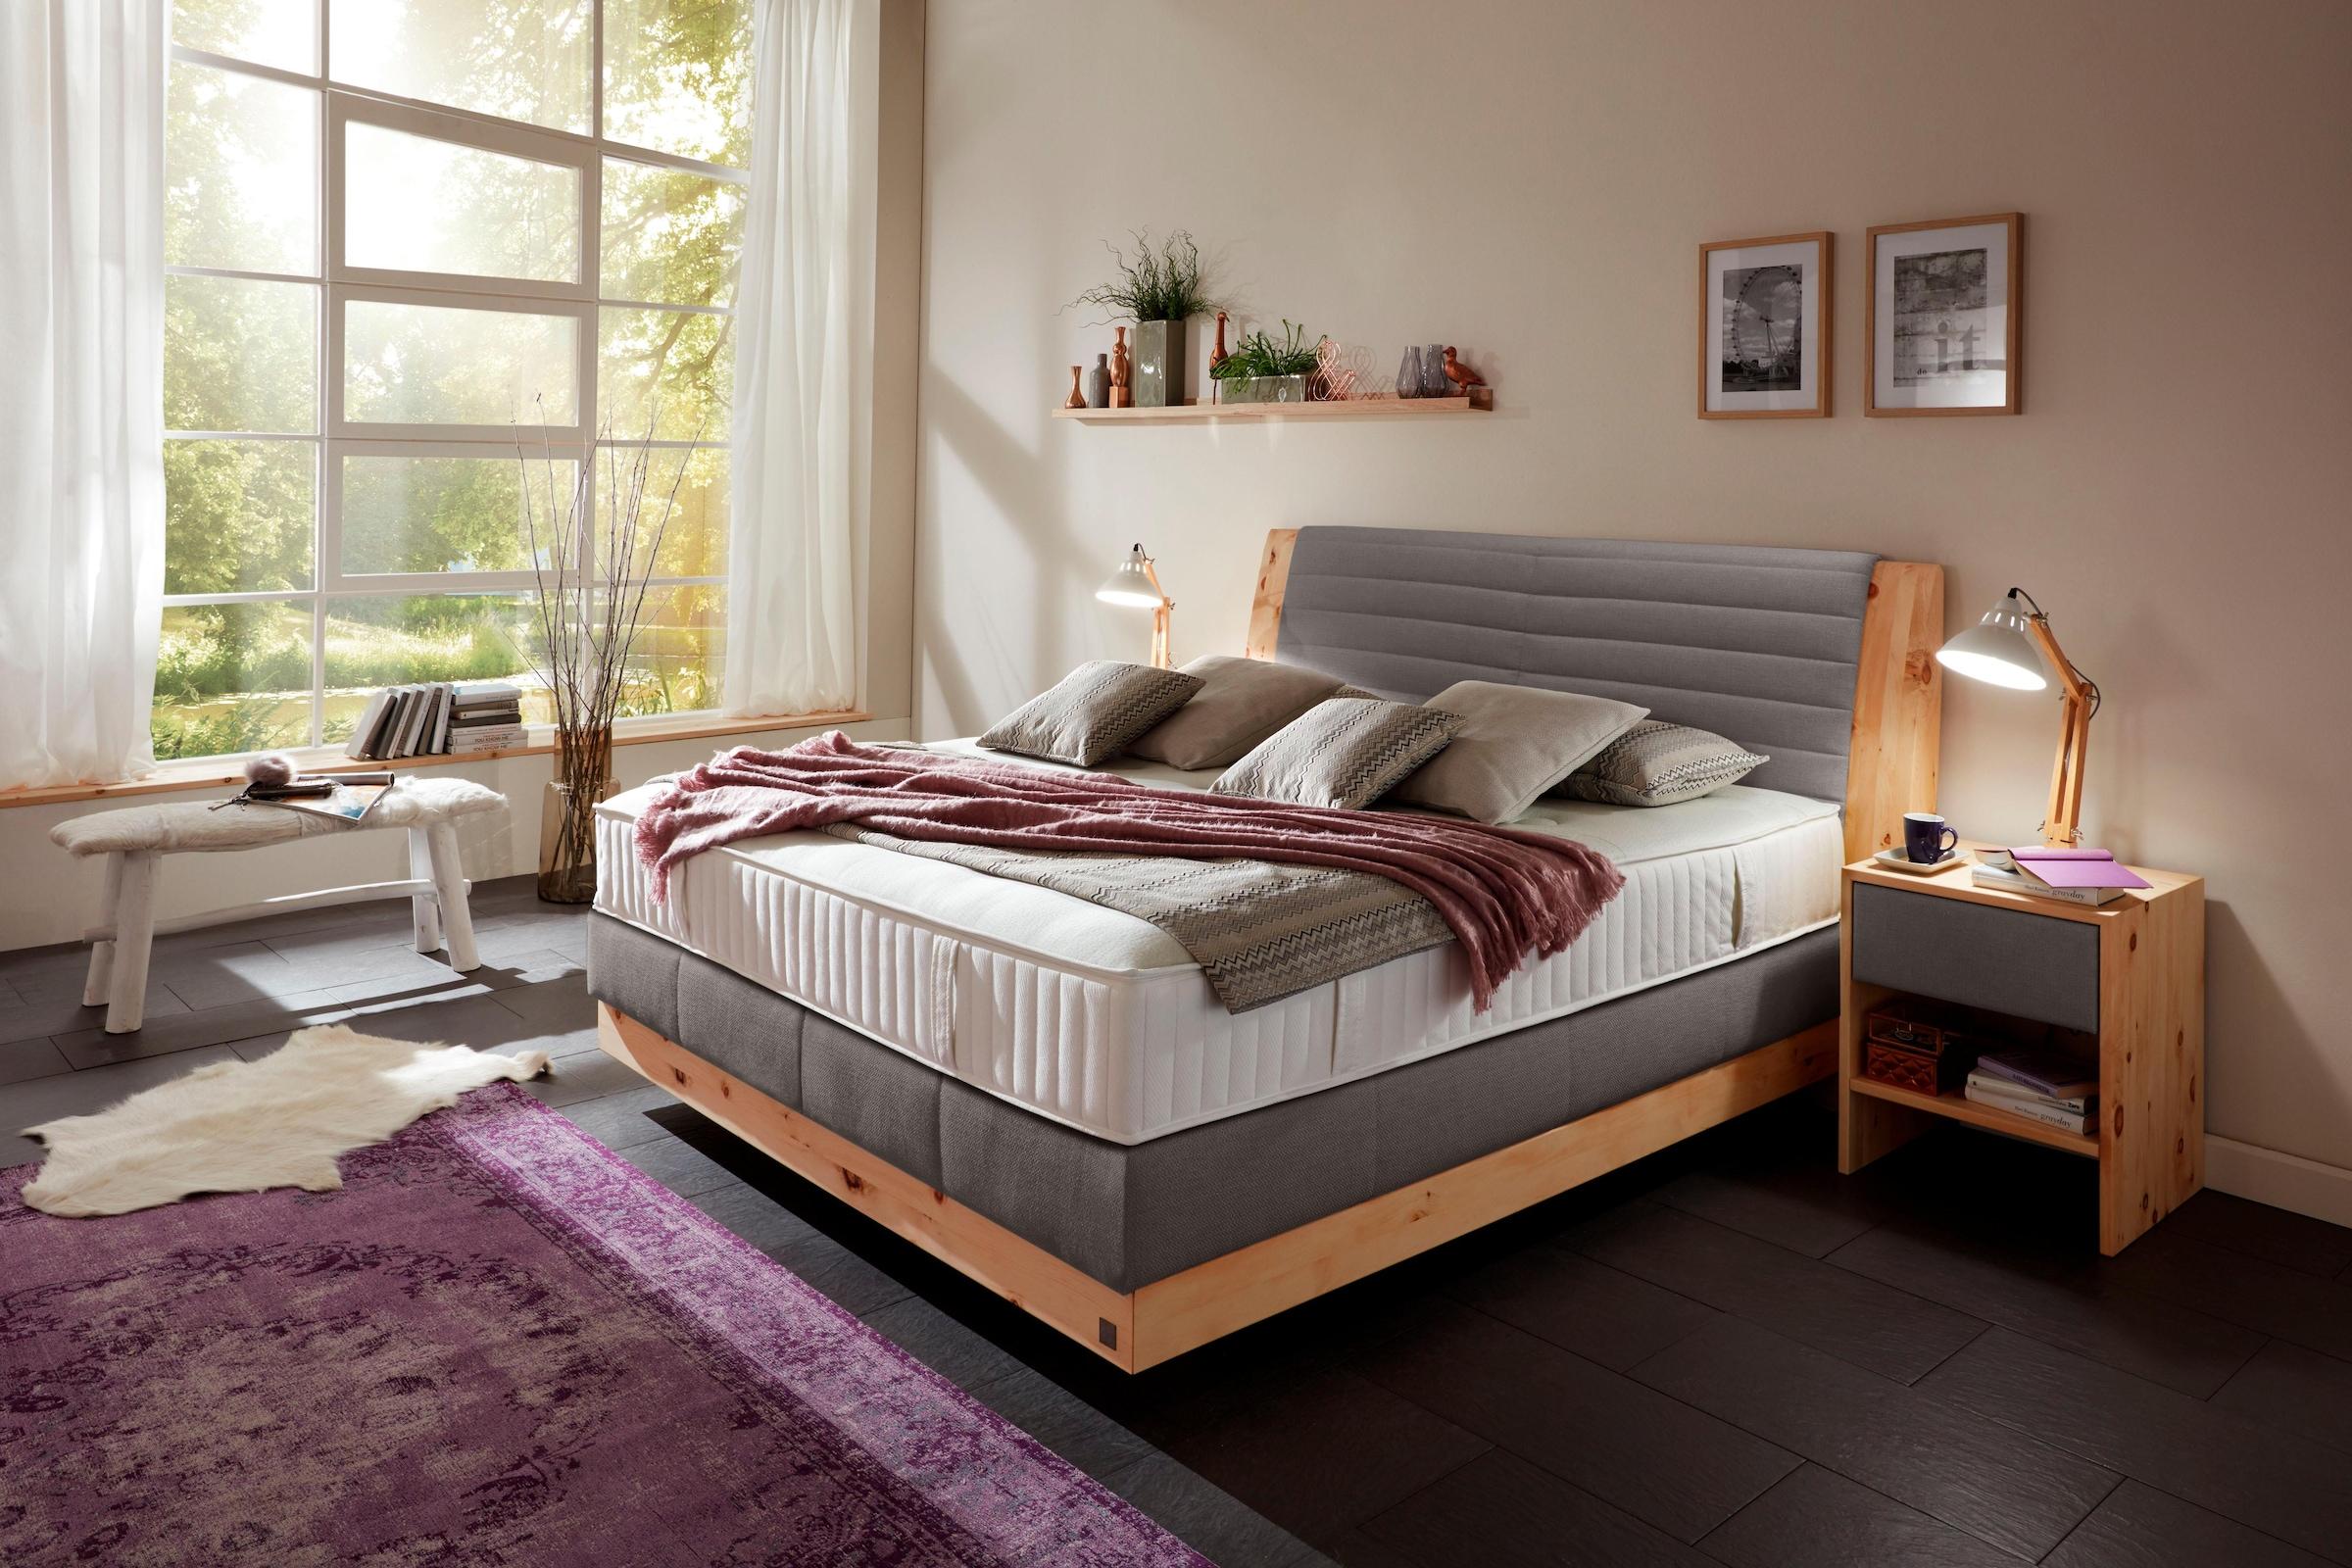 Günstig Online Möbel Über atShop24 Shop24 Kaufen PXTukiOZ